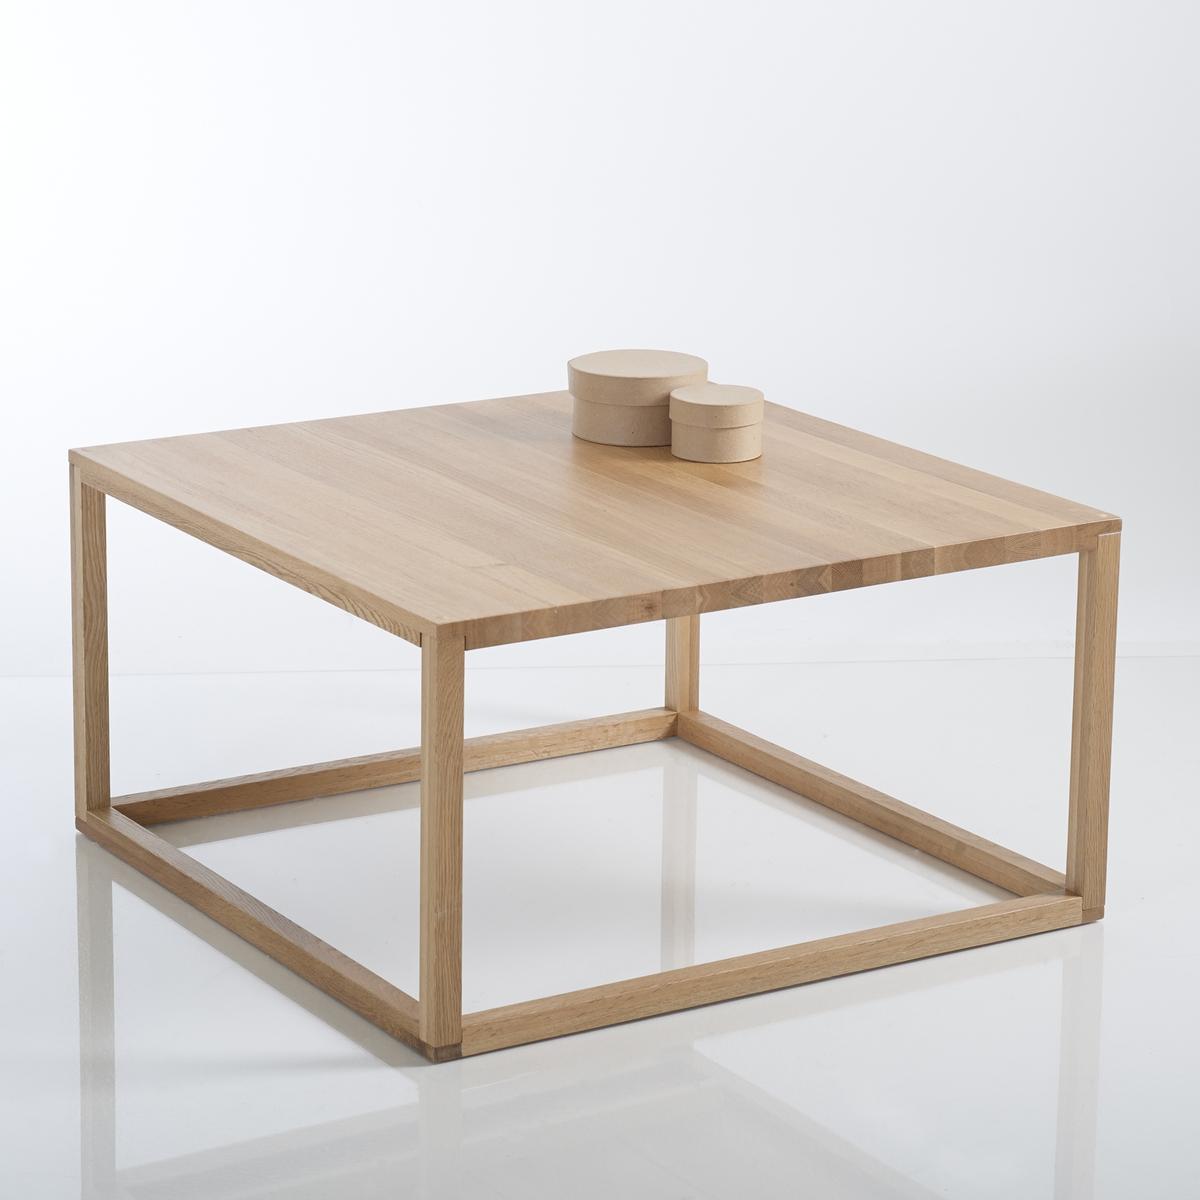 Столик журнальный кубический, Crueso столик журнальный квадратный из массива дуба crueso